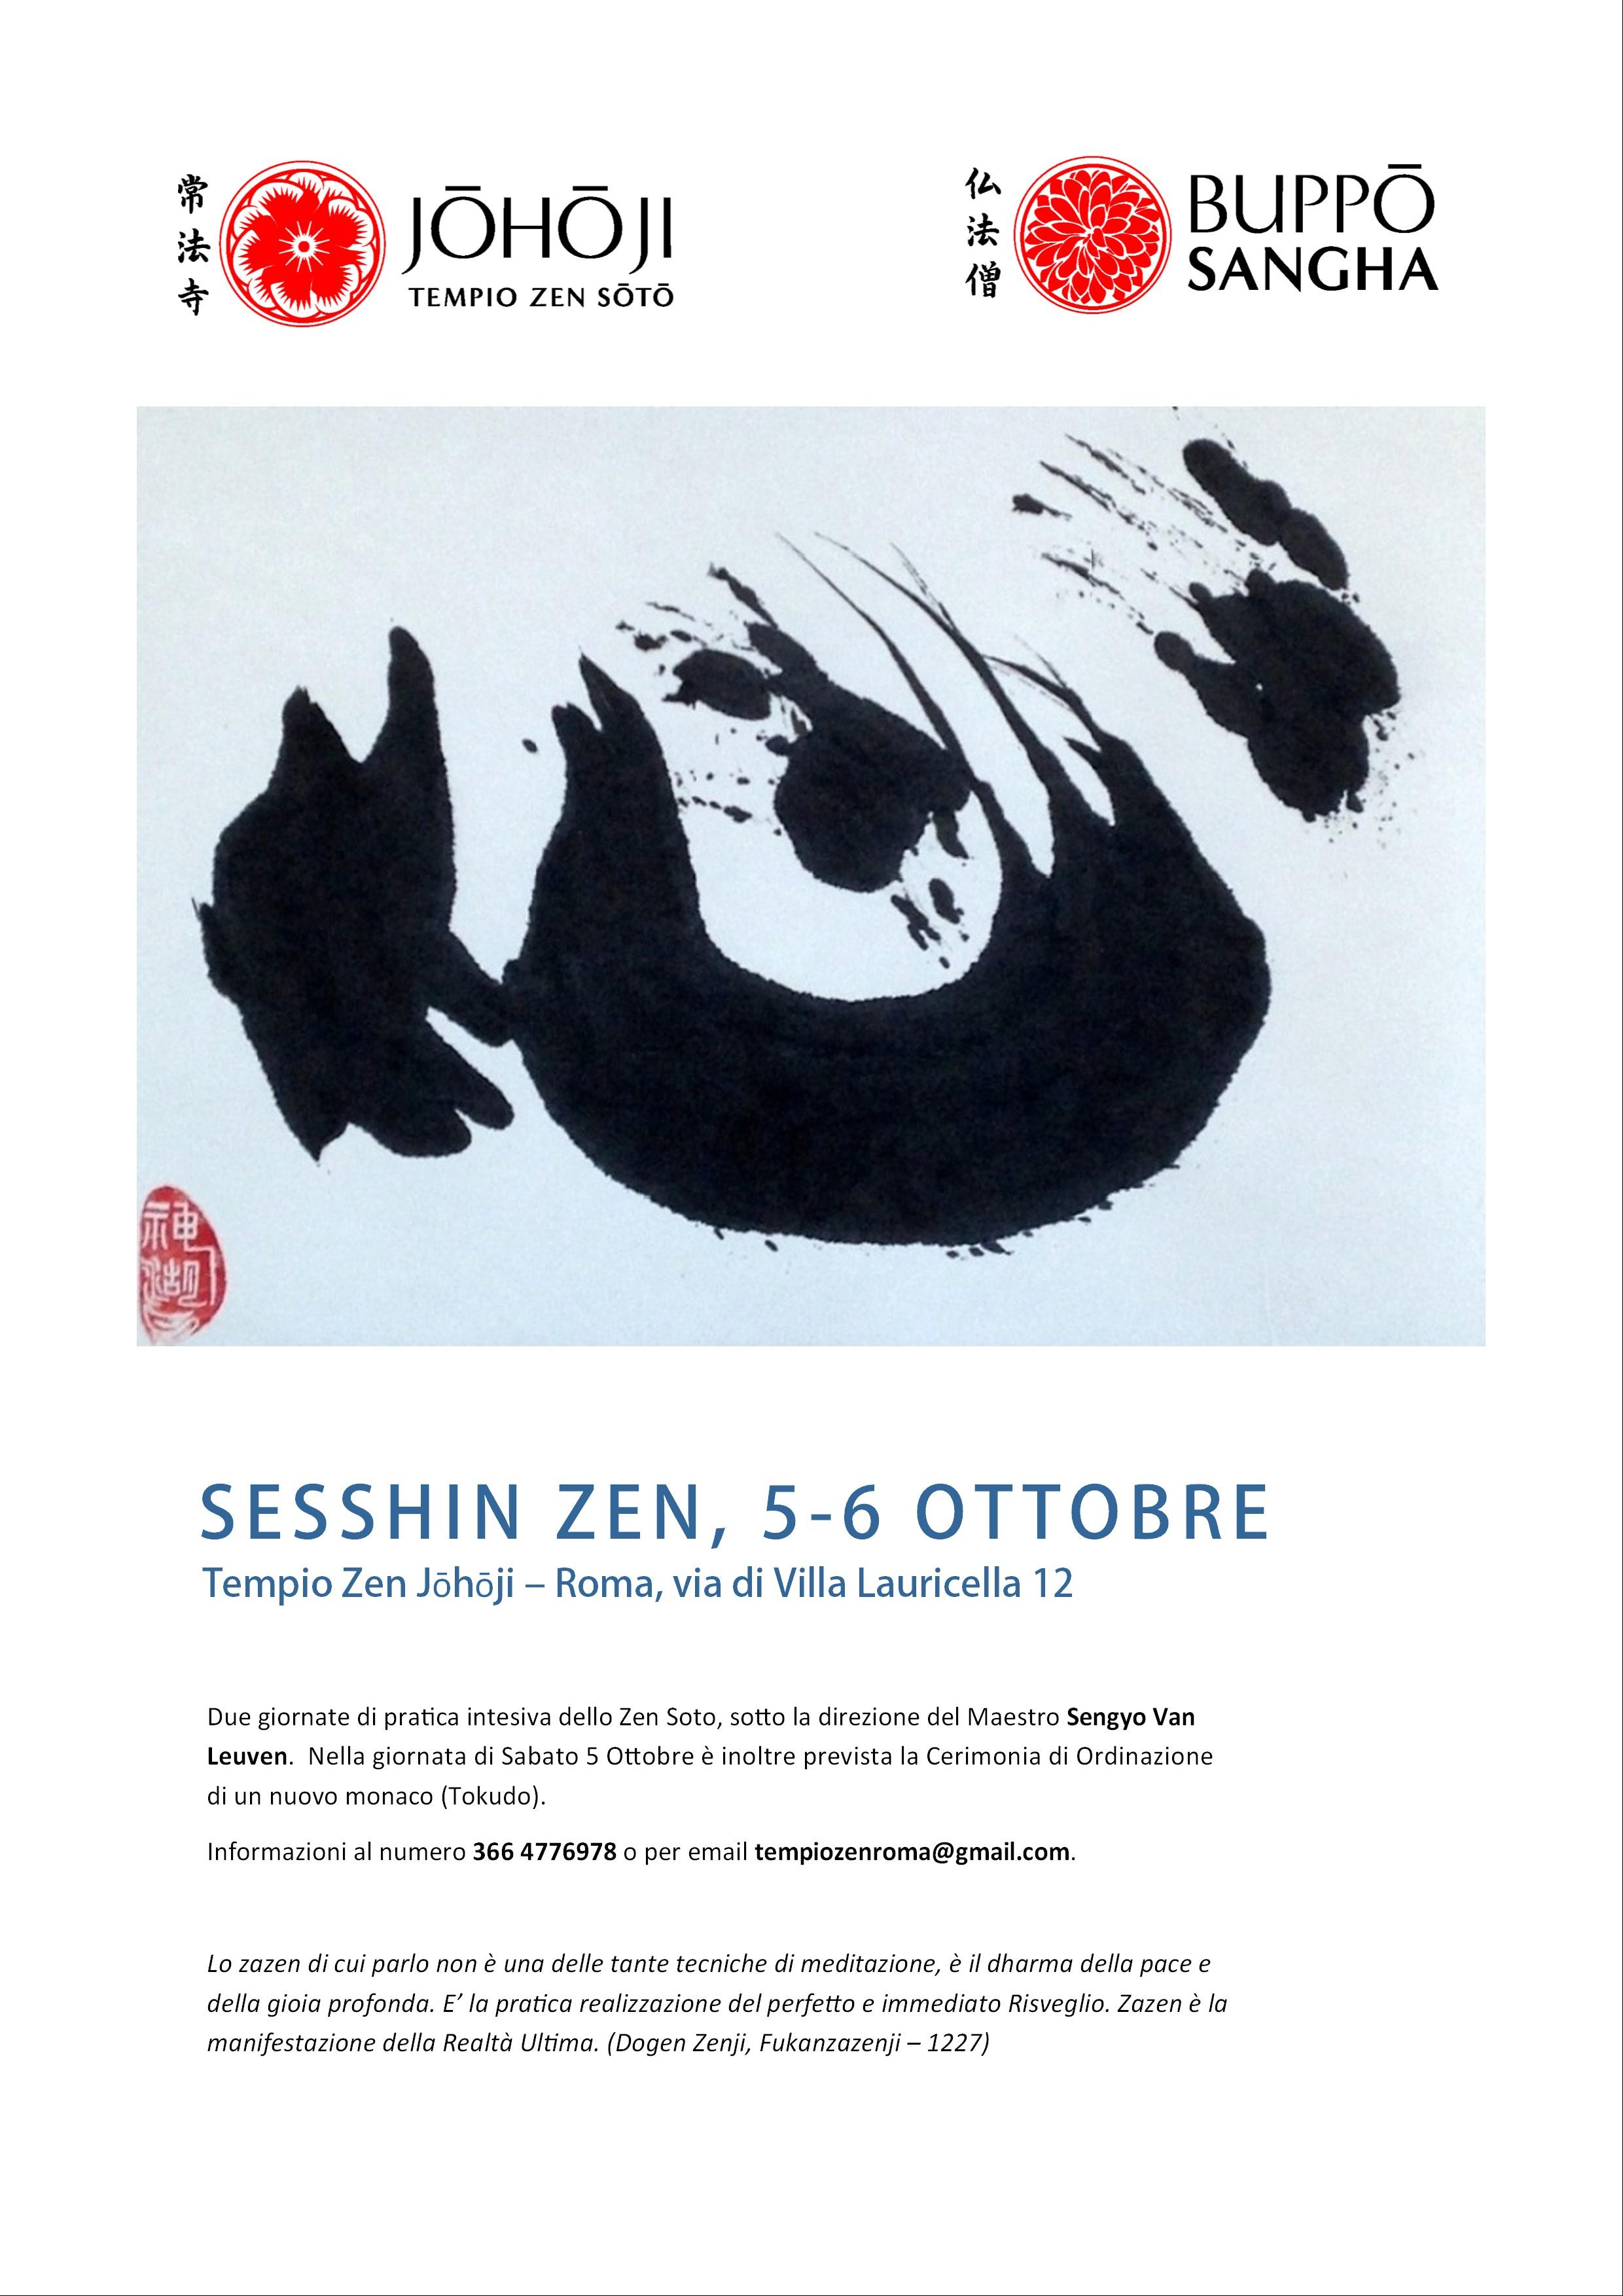 sesshin zen roma ottobre 2019